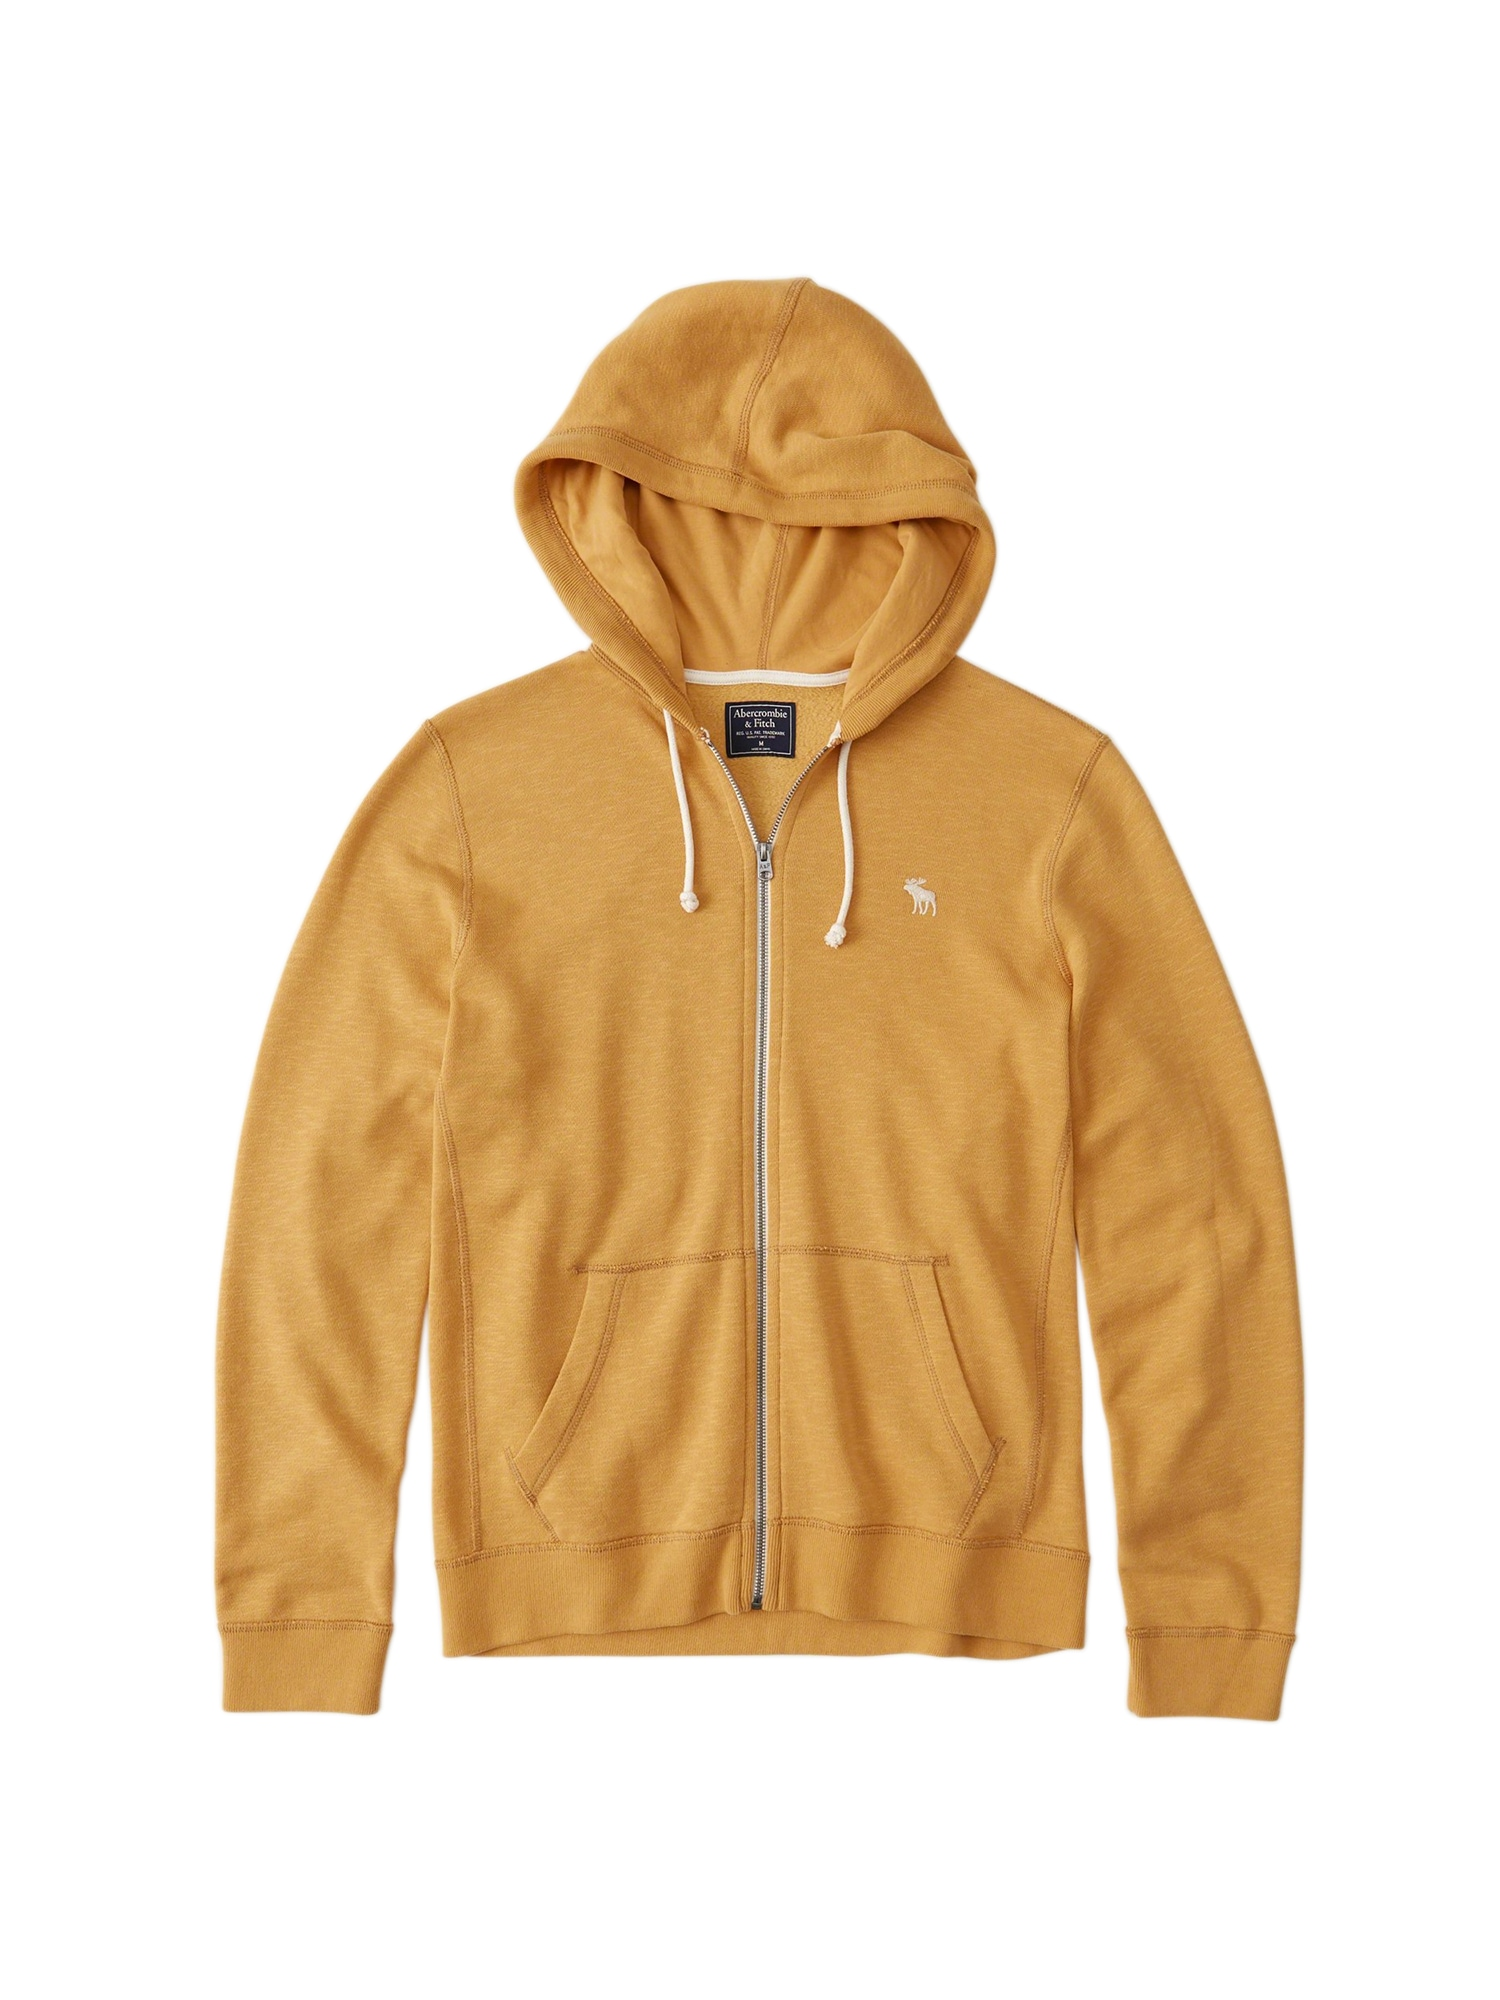 Mikina s kapucí GBL FULLZIP tmavě žlutá Abercrombie & Fitch